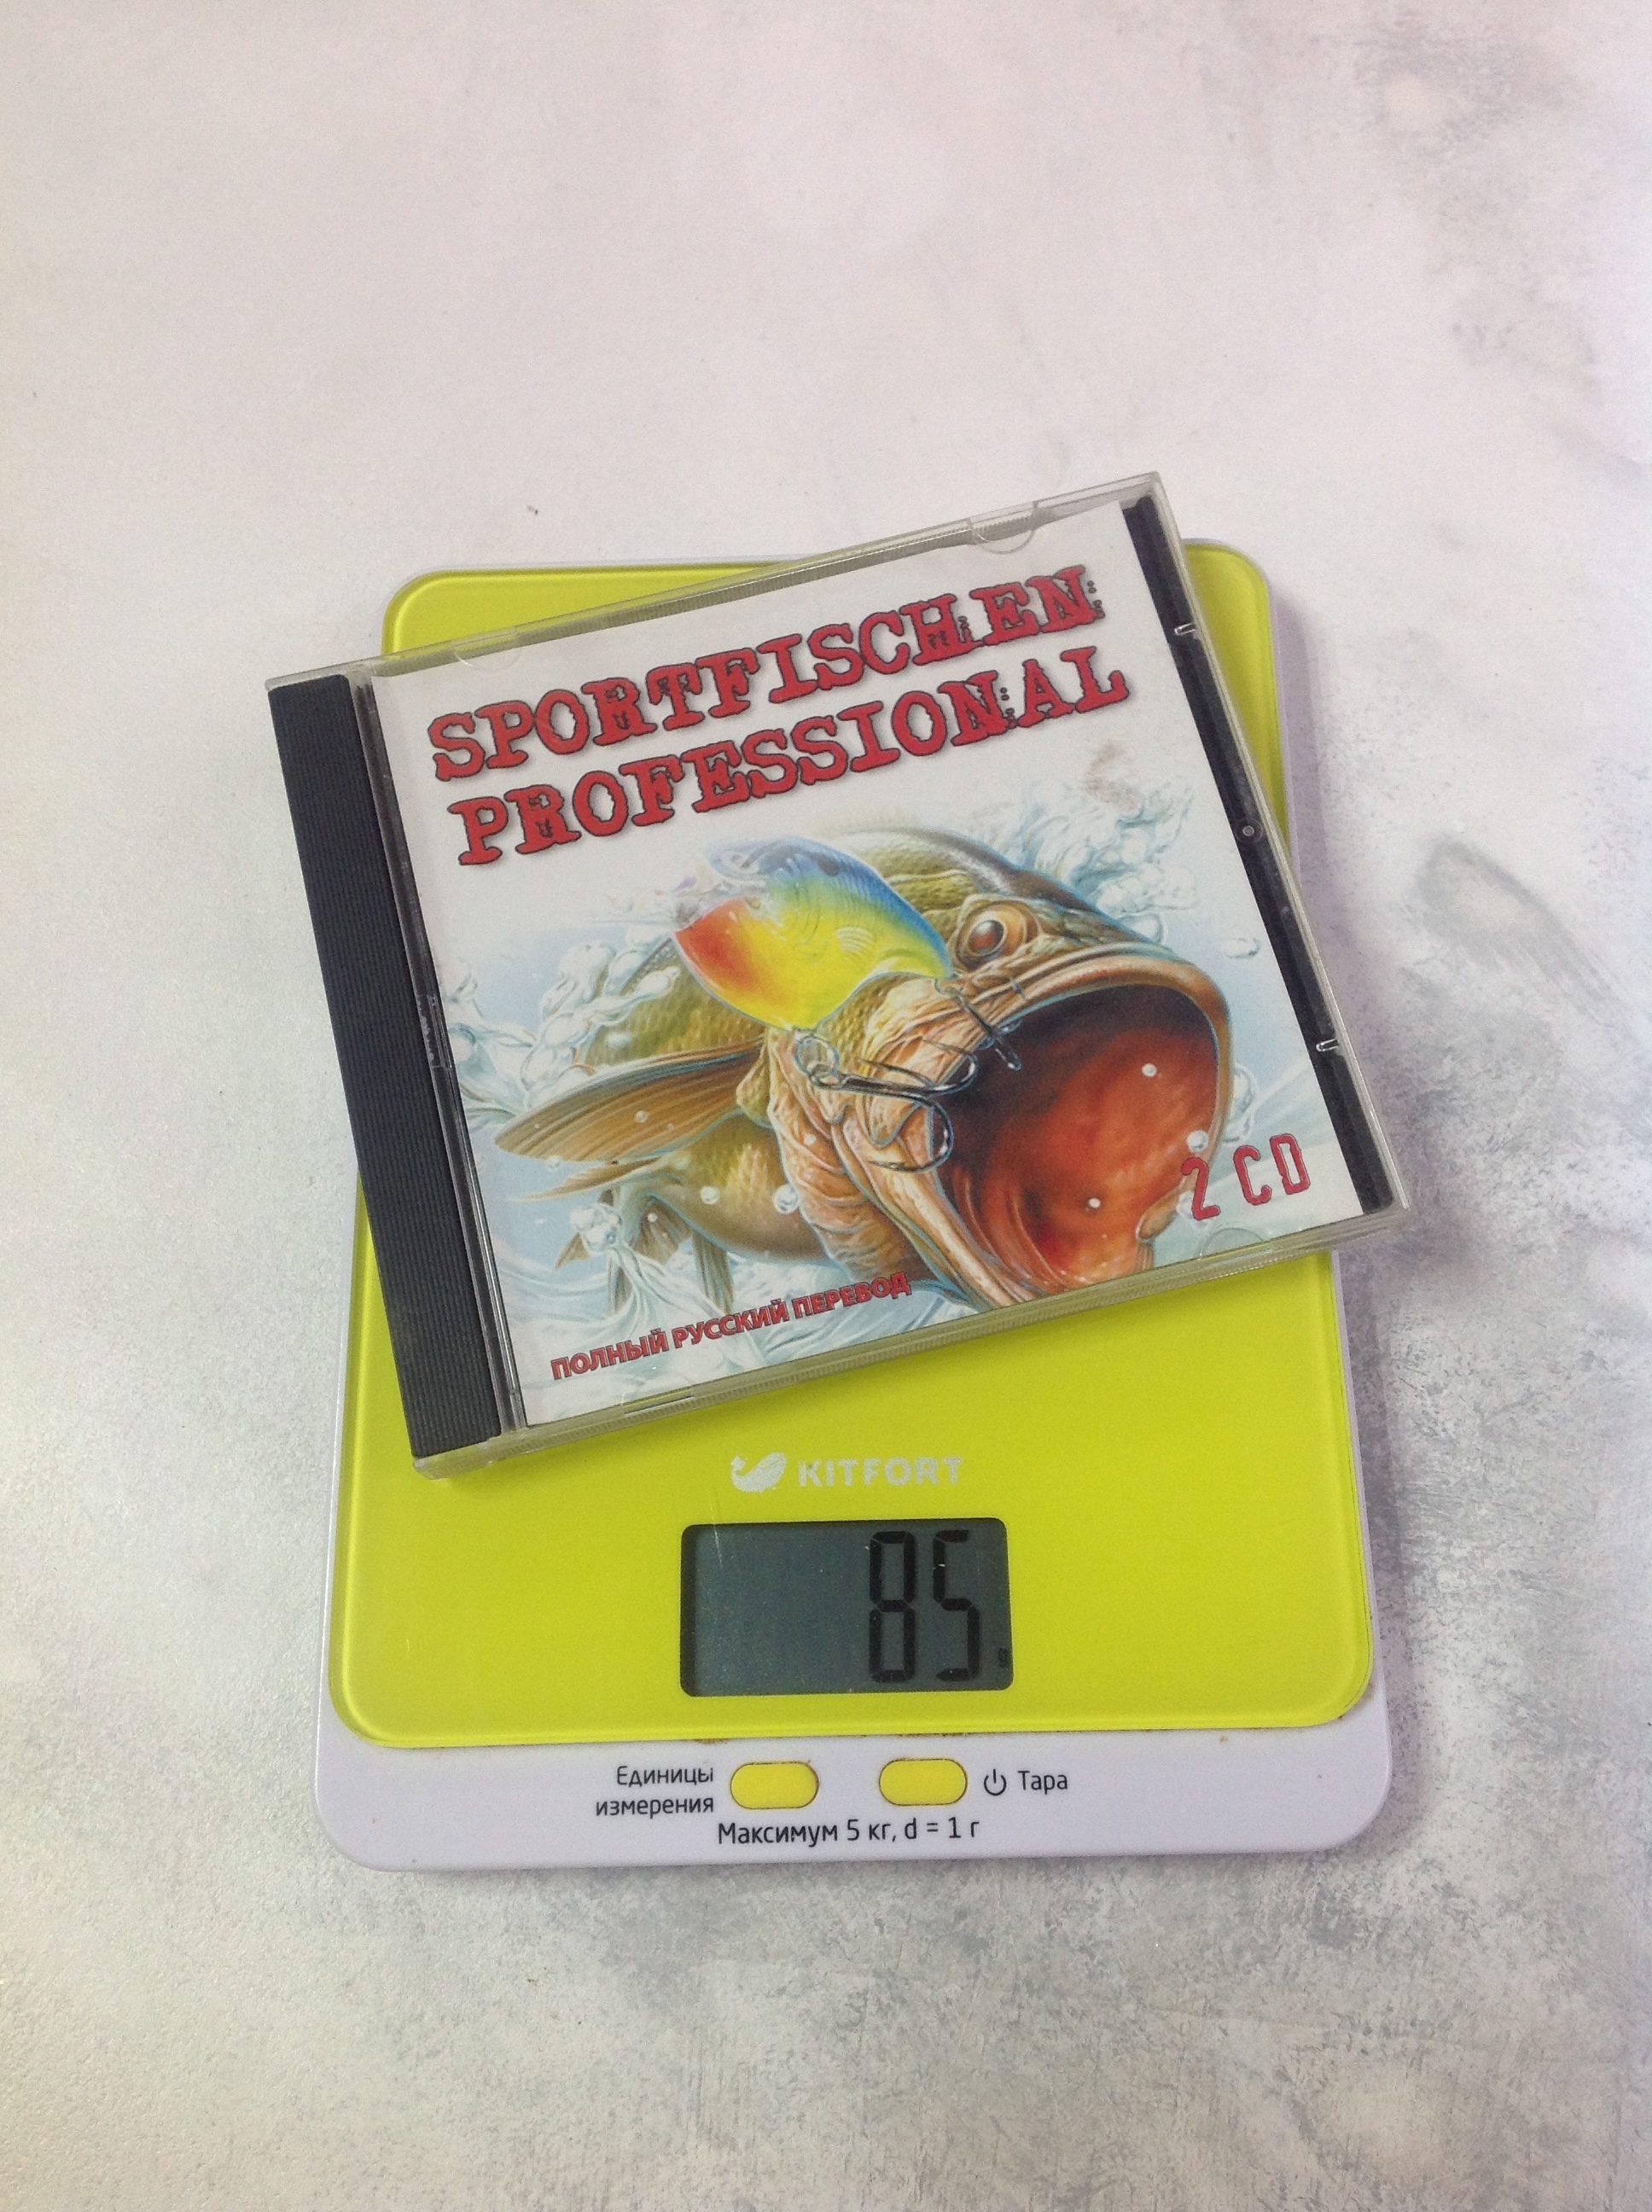 вес cd-диска в упаковке